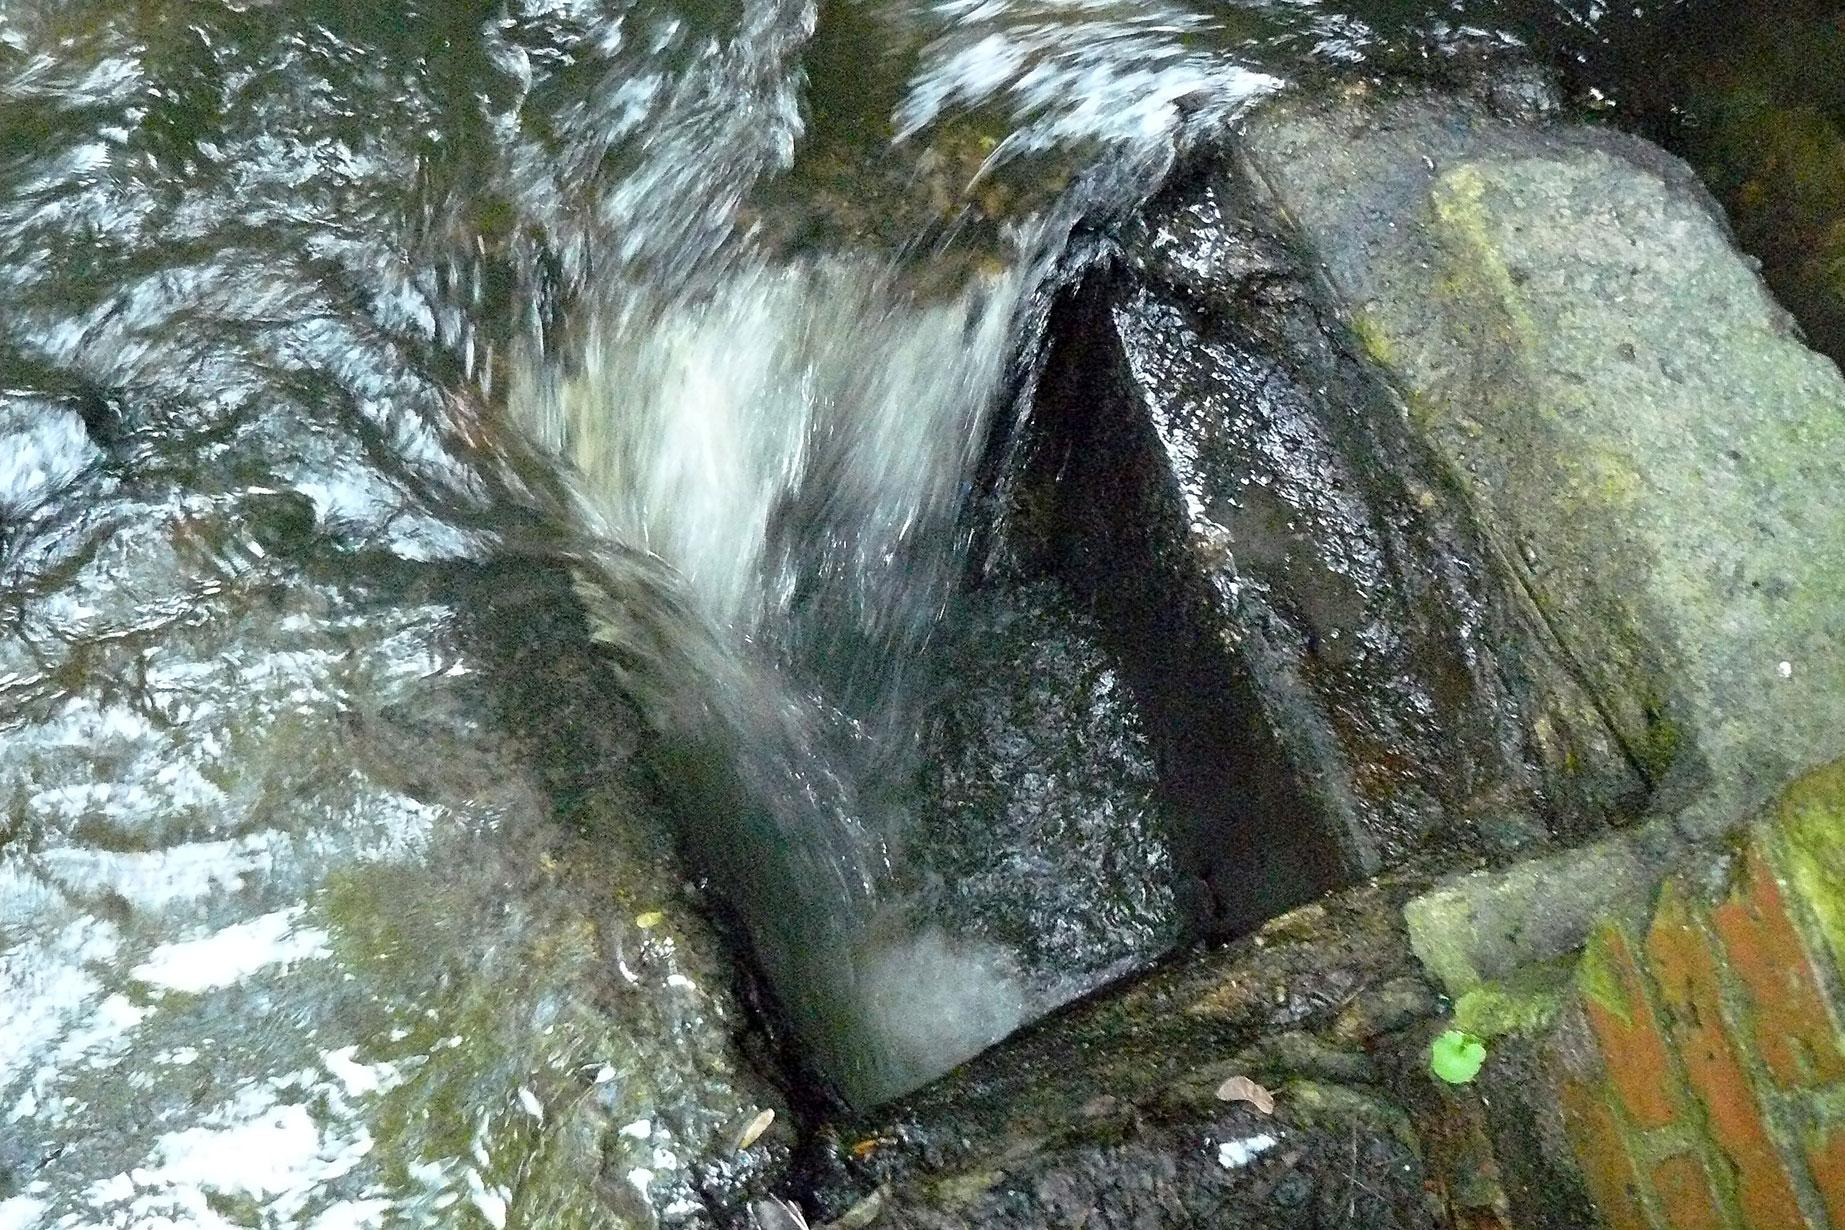 Отчёт по практике МГУП инстерГОД Водосбросы после тоннеля под железной дорогой Служат для отвода паводковых вод в ливневую канализацию работают при повышении уровня воды